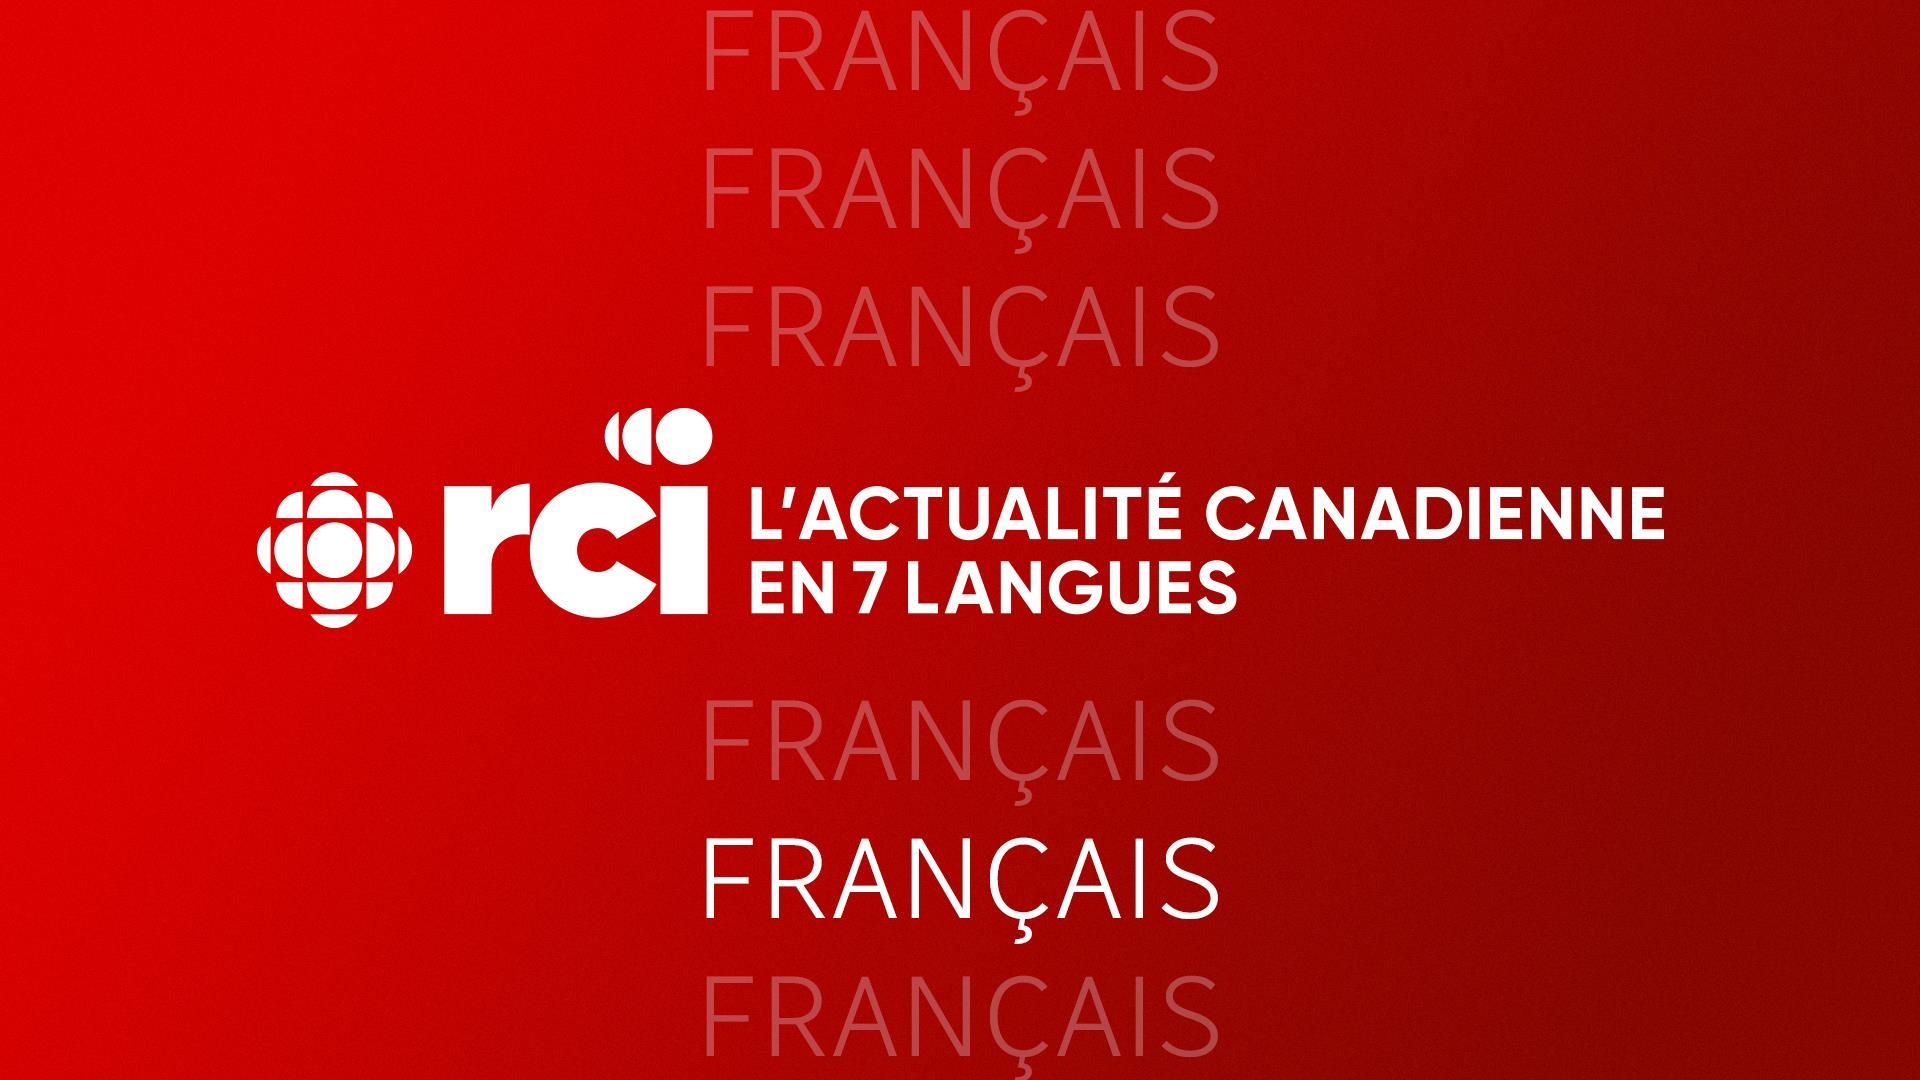 RCI c'est le service multilingue de CBC/Radio-Canada qui permet de découvrir et surtout de comprendre et de mettre en perspective la réalité de la société canadienne, ses valeurs démocratiques et culturelles.